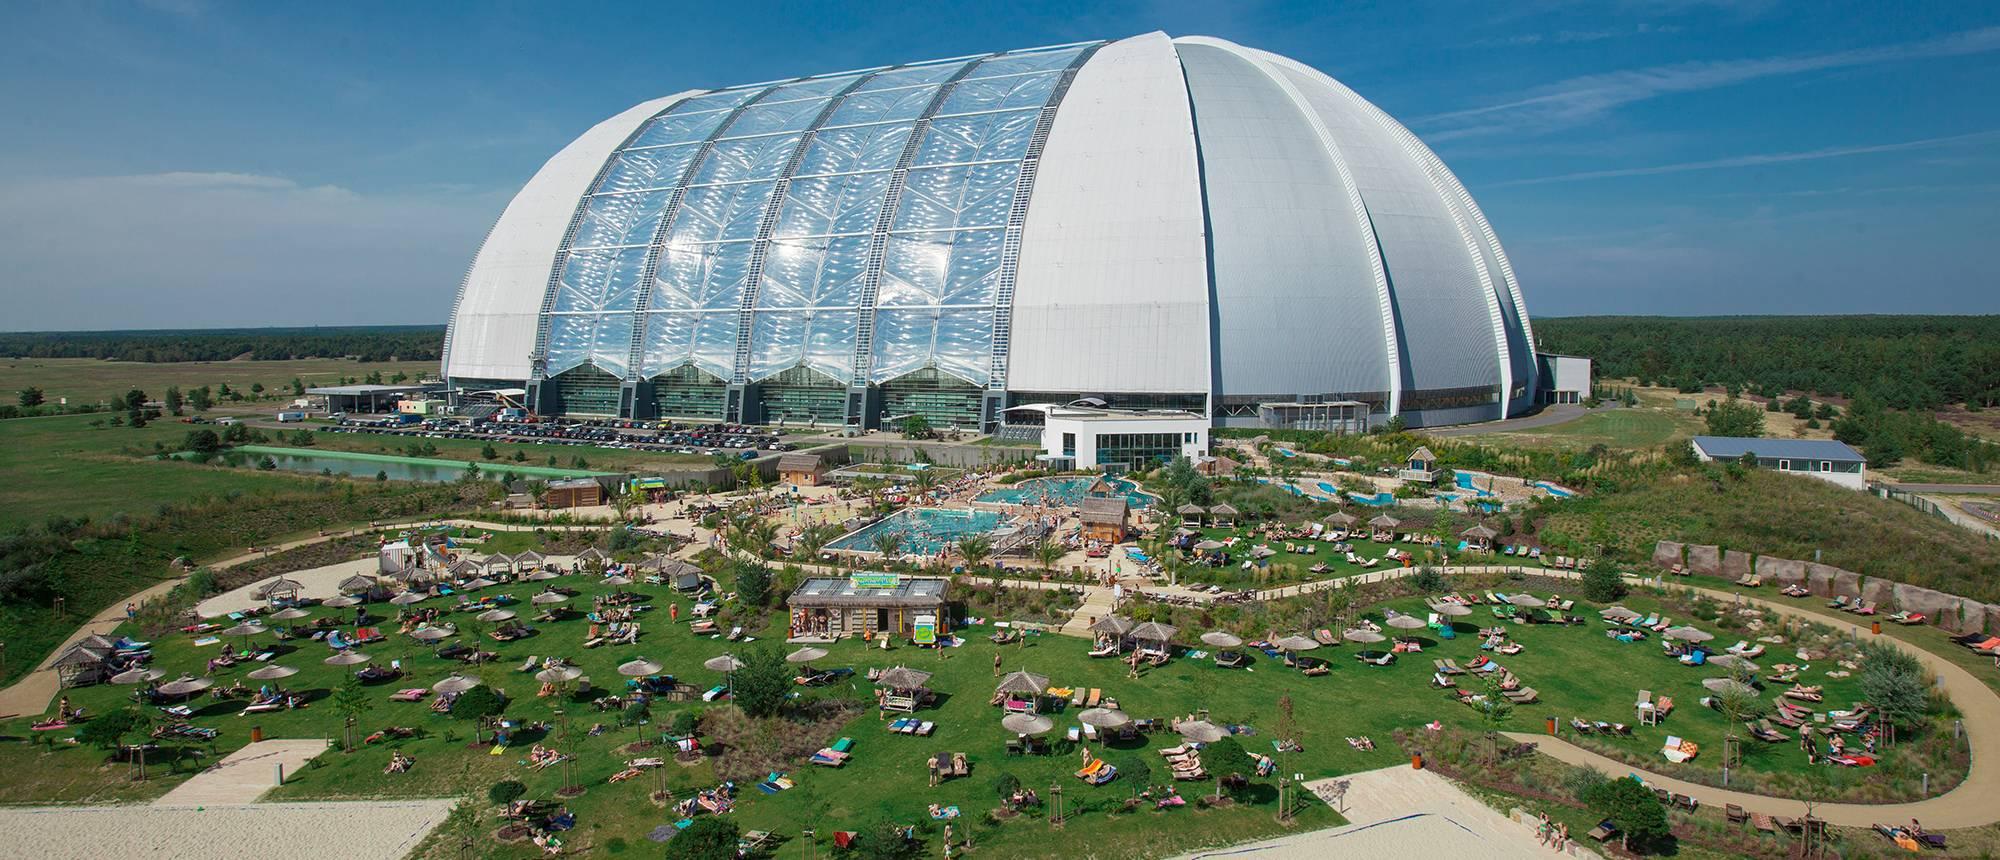 Топ 25 лучшие аквапарки москвы (рейтинг 2021)